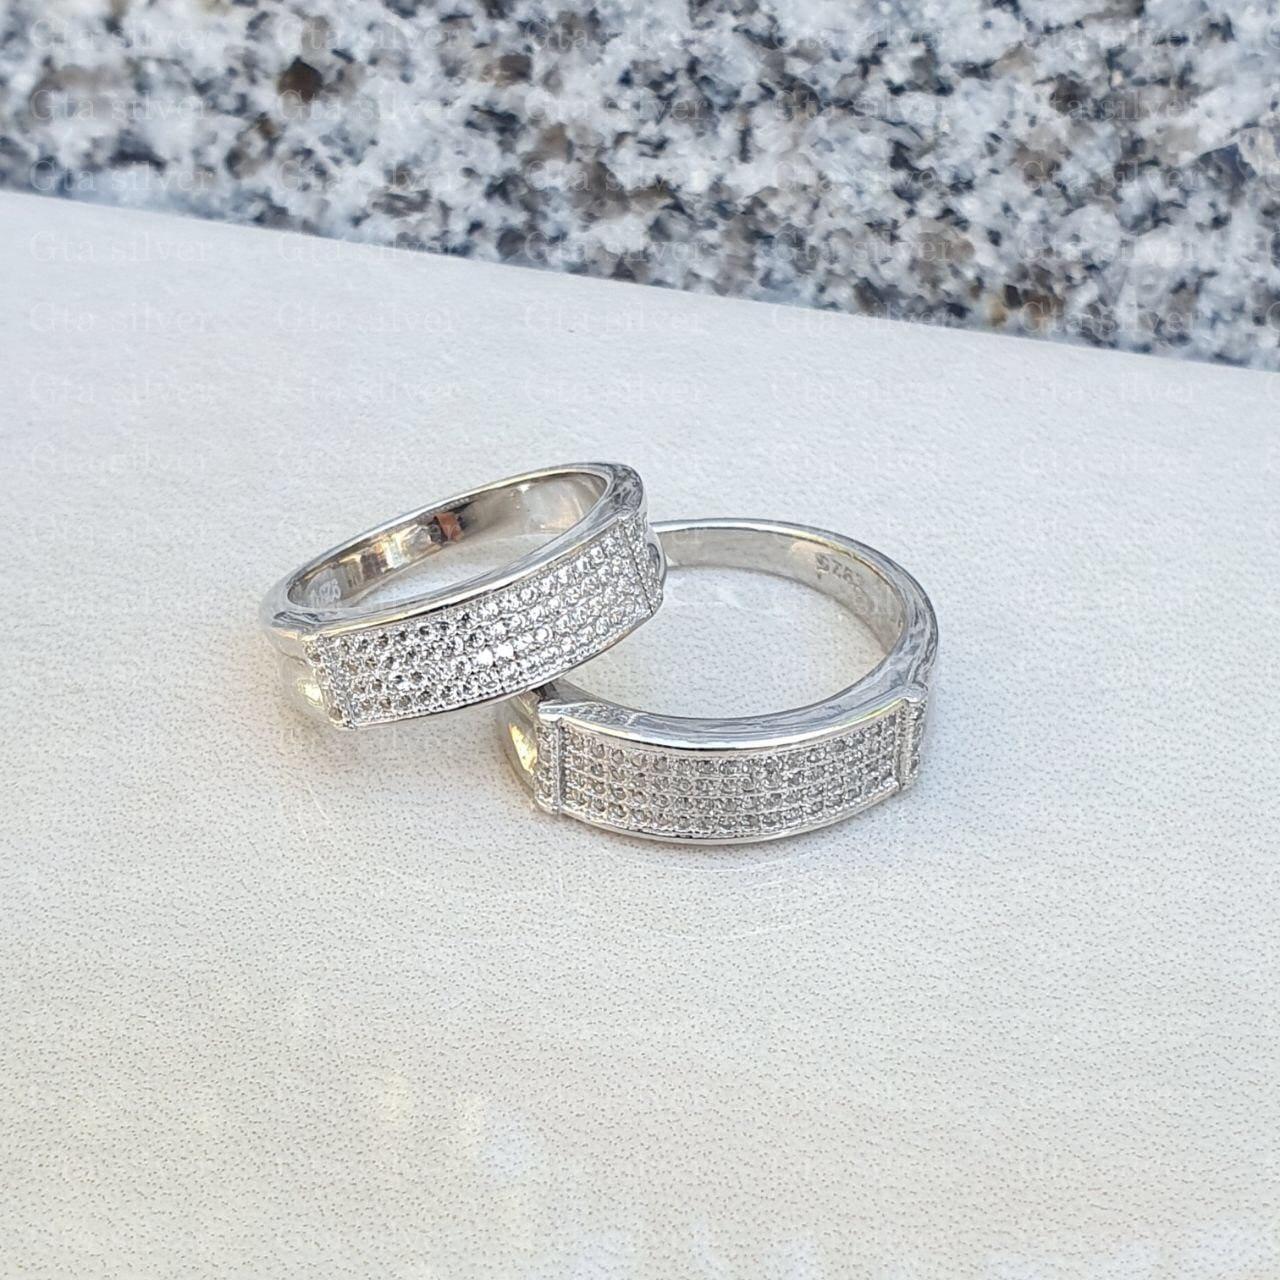 ست حلقه ازدواج وزن 8.5 گرم مدل 26